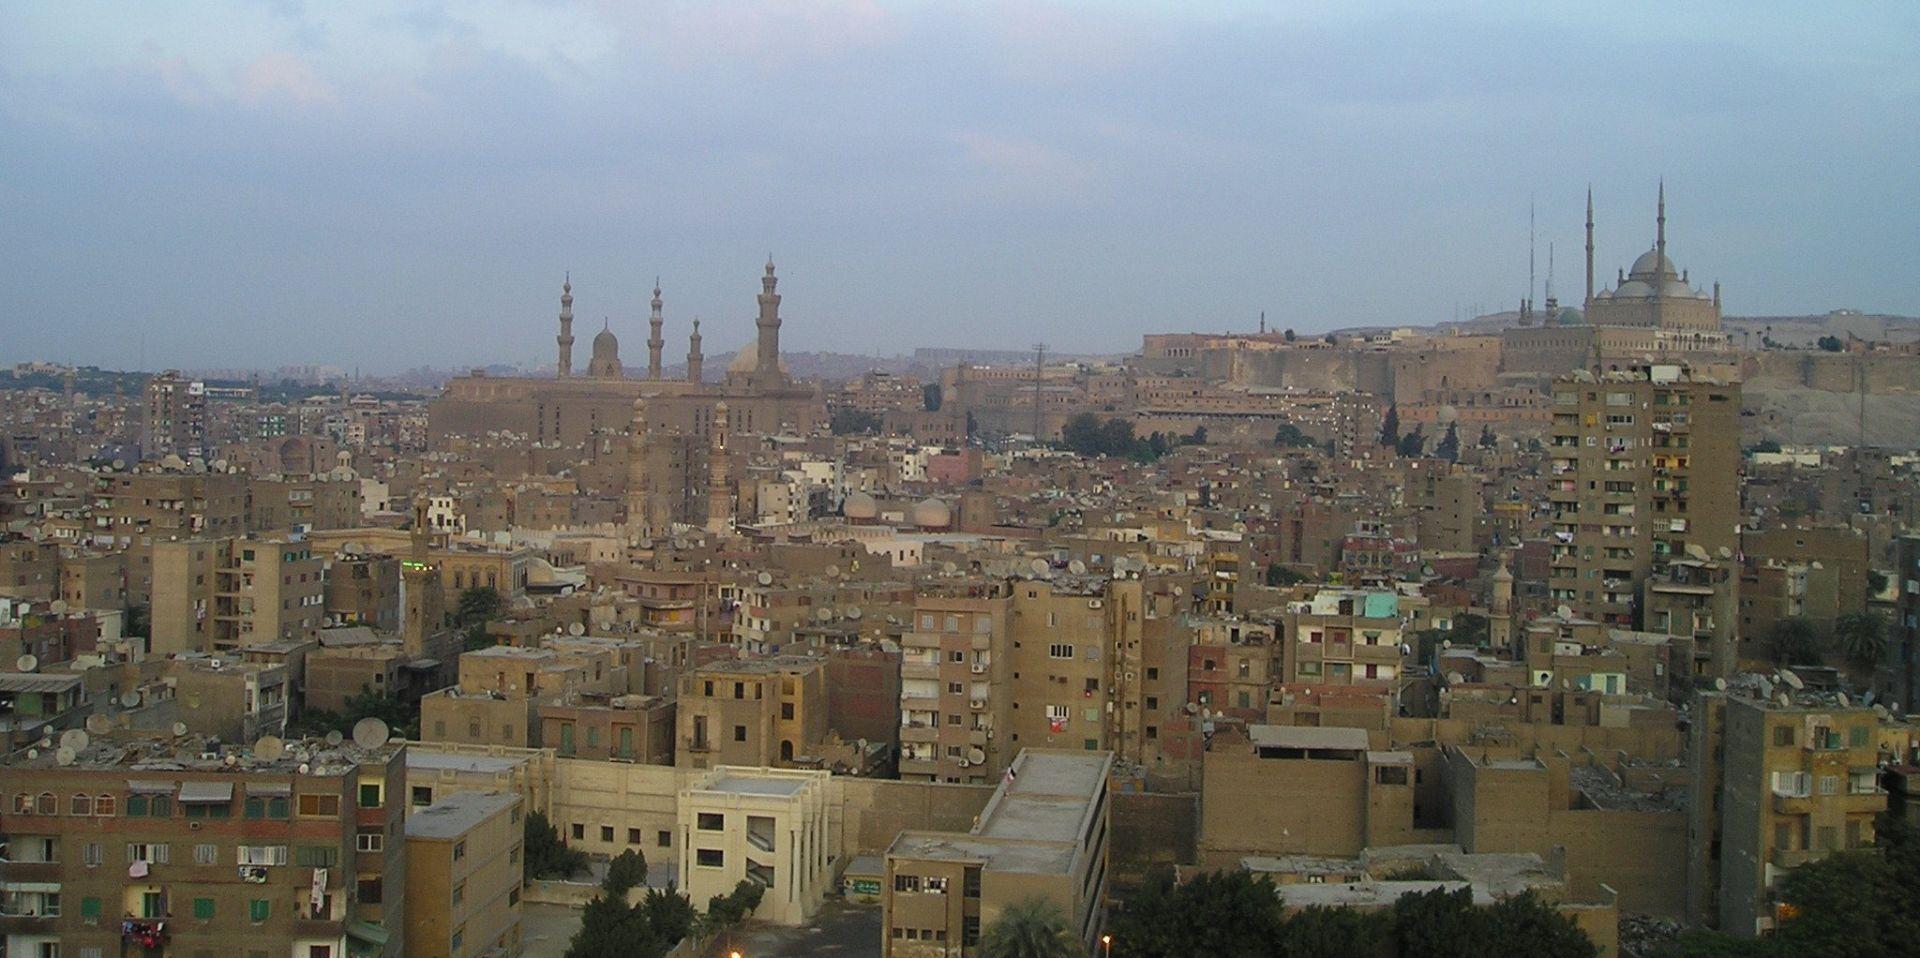 ČETIRI GODINE OD NAPADA U Kairu otvoreno novo izraelsko veleposlanstvo